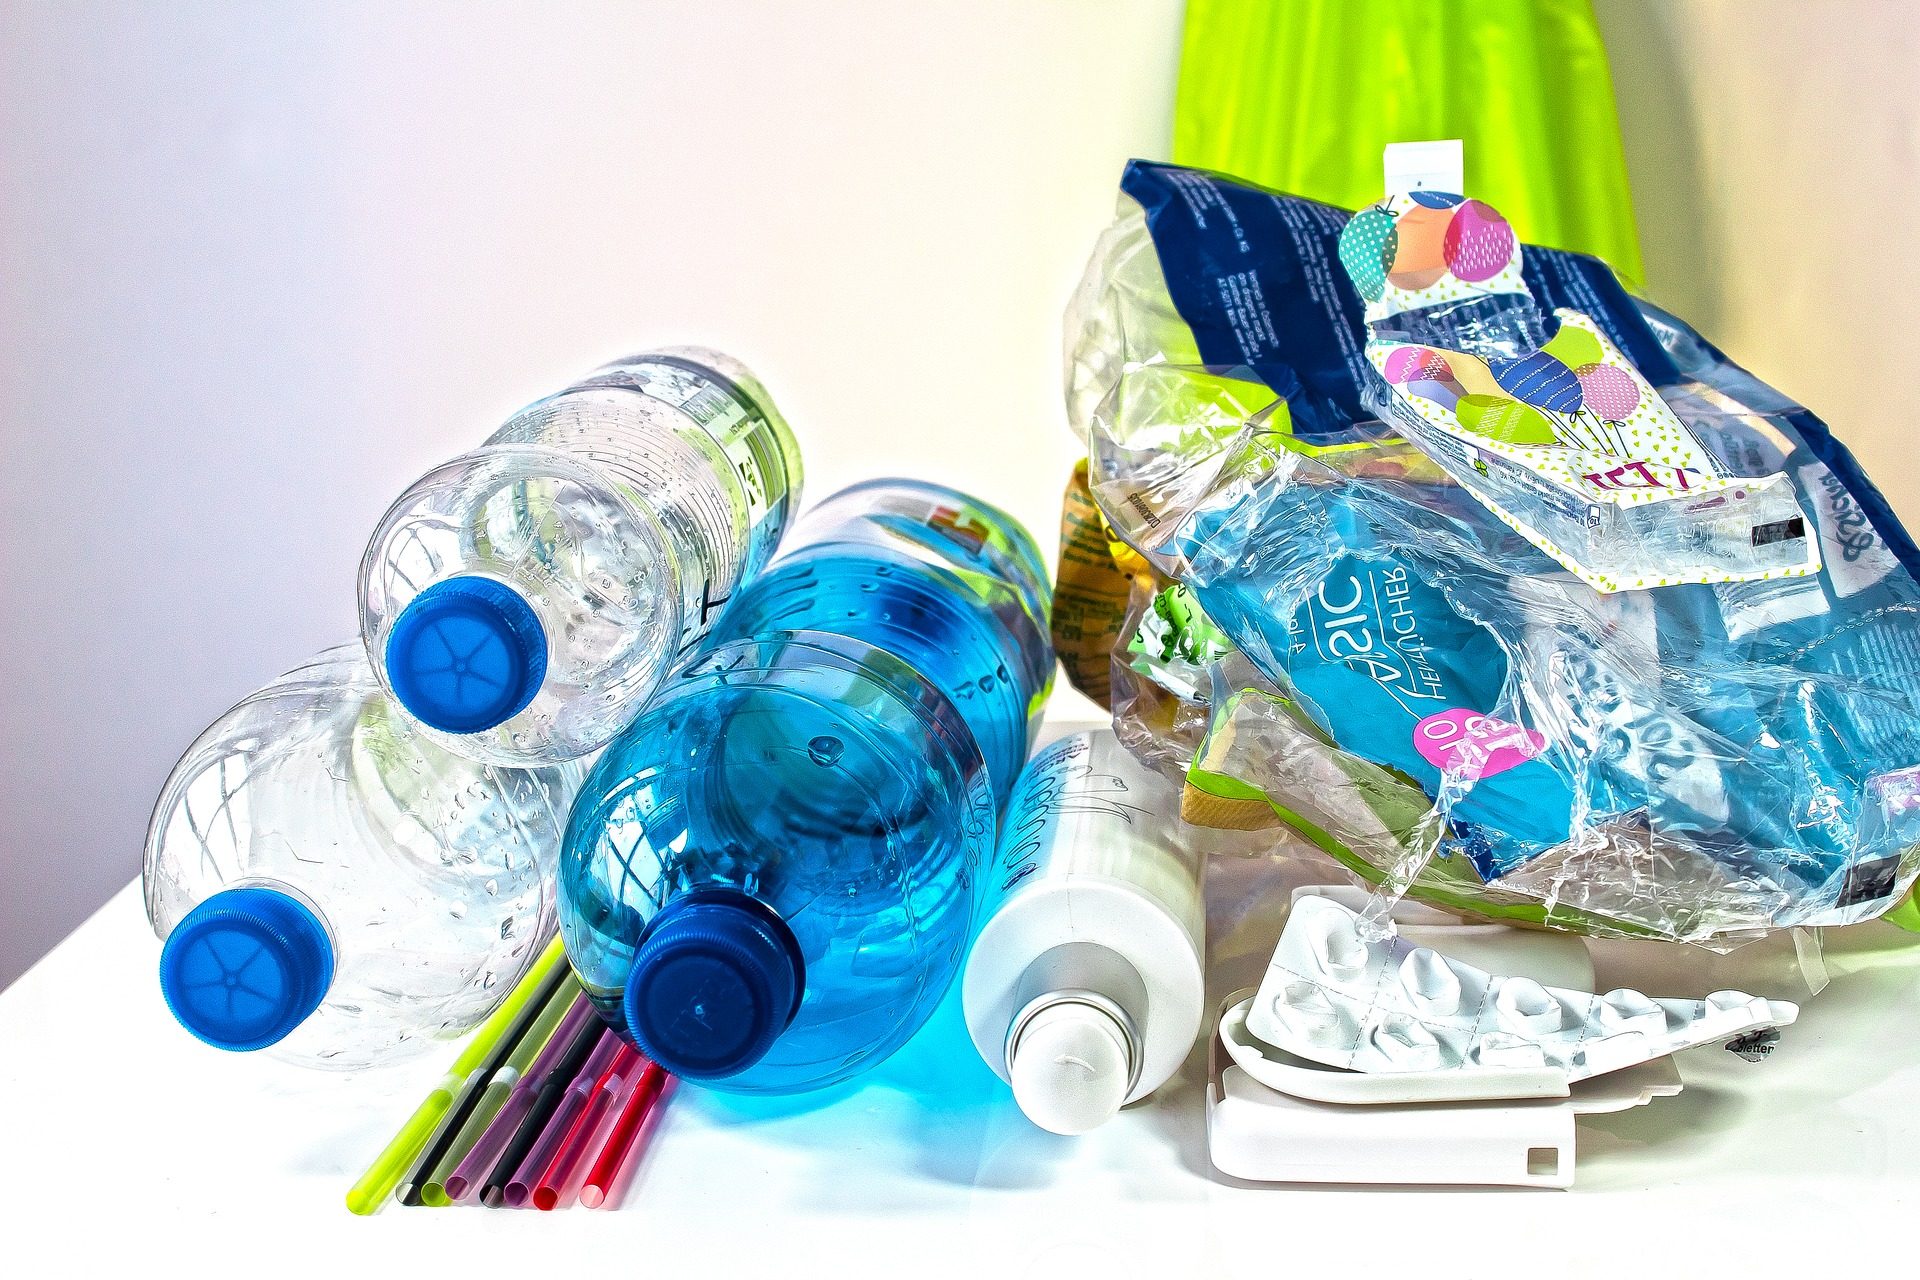 Plastiques à usage unique : orientations de la Commission européenne